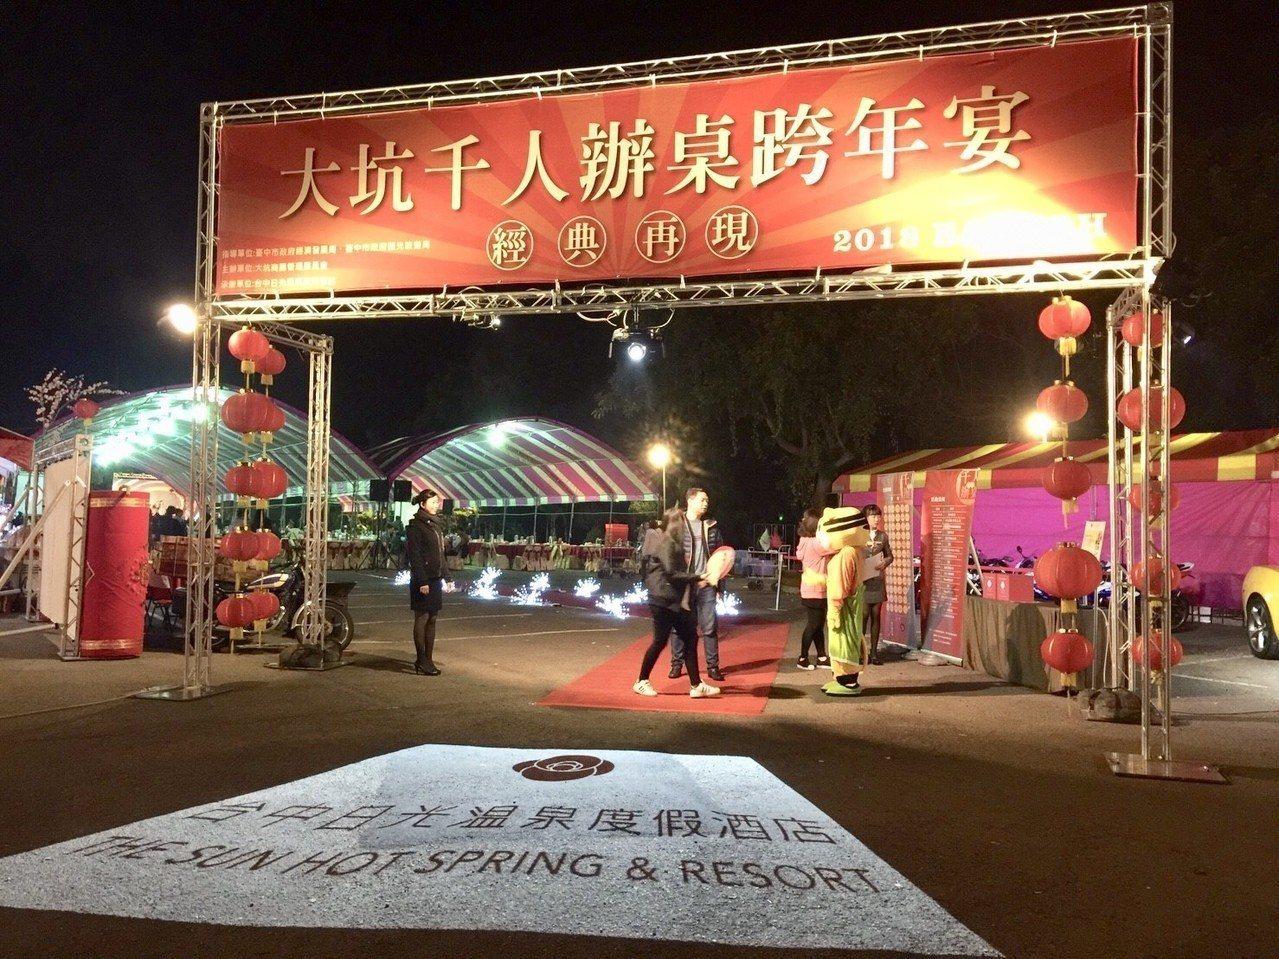 大坑千人辦桌跨年宴,已成為台中市每年年終的重要饗宴盛會。